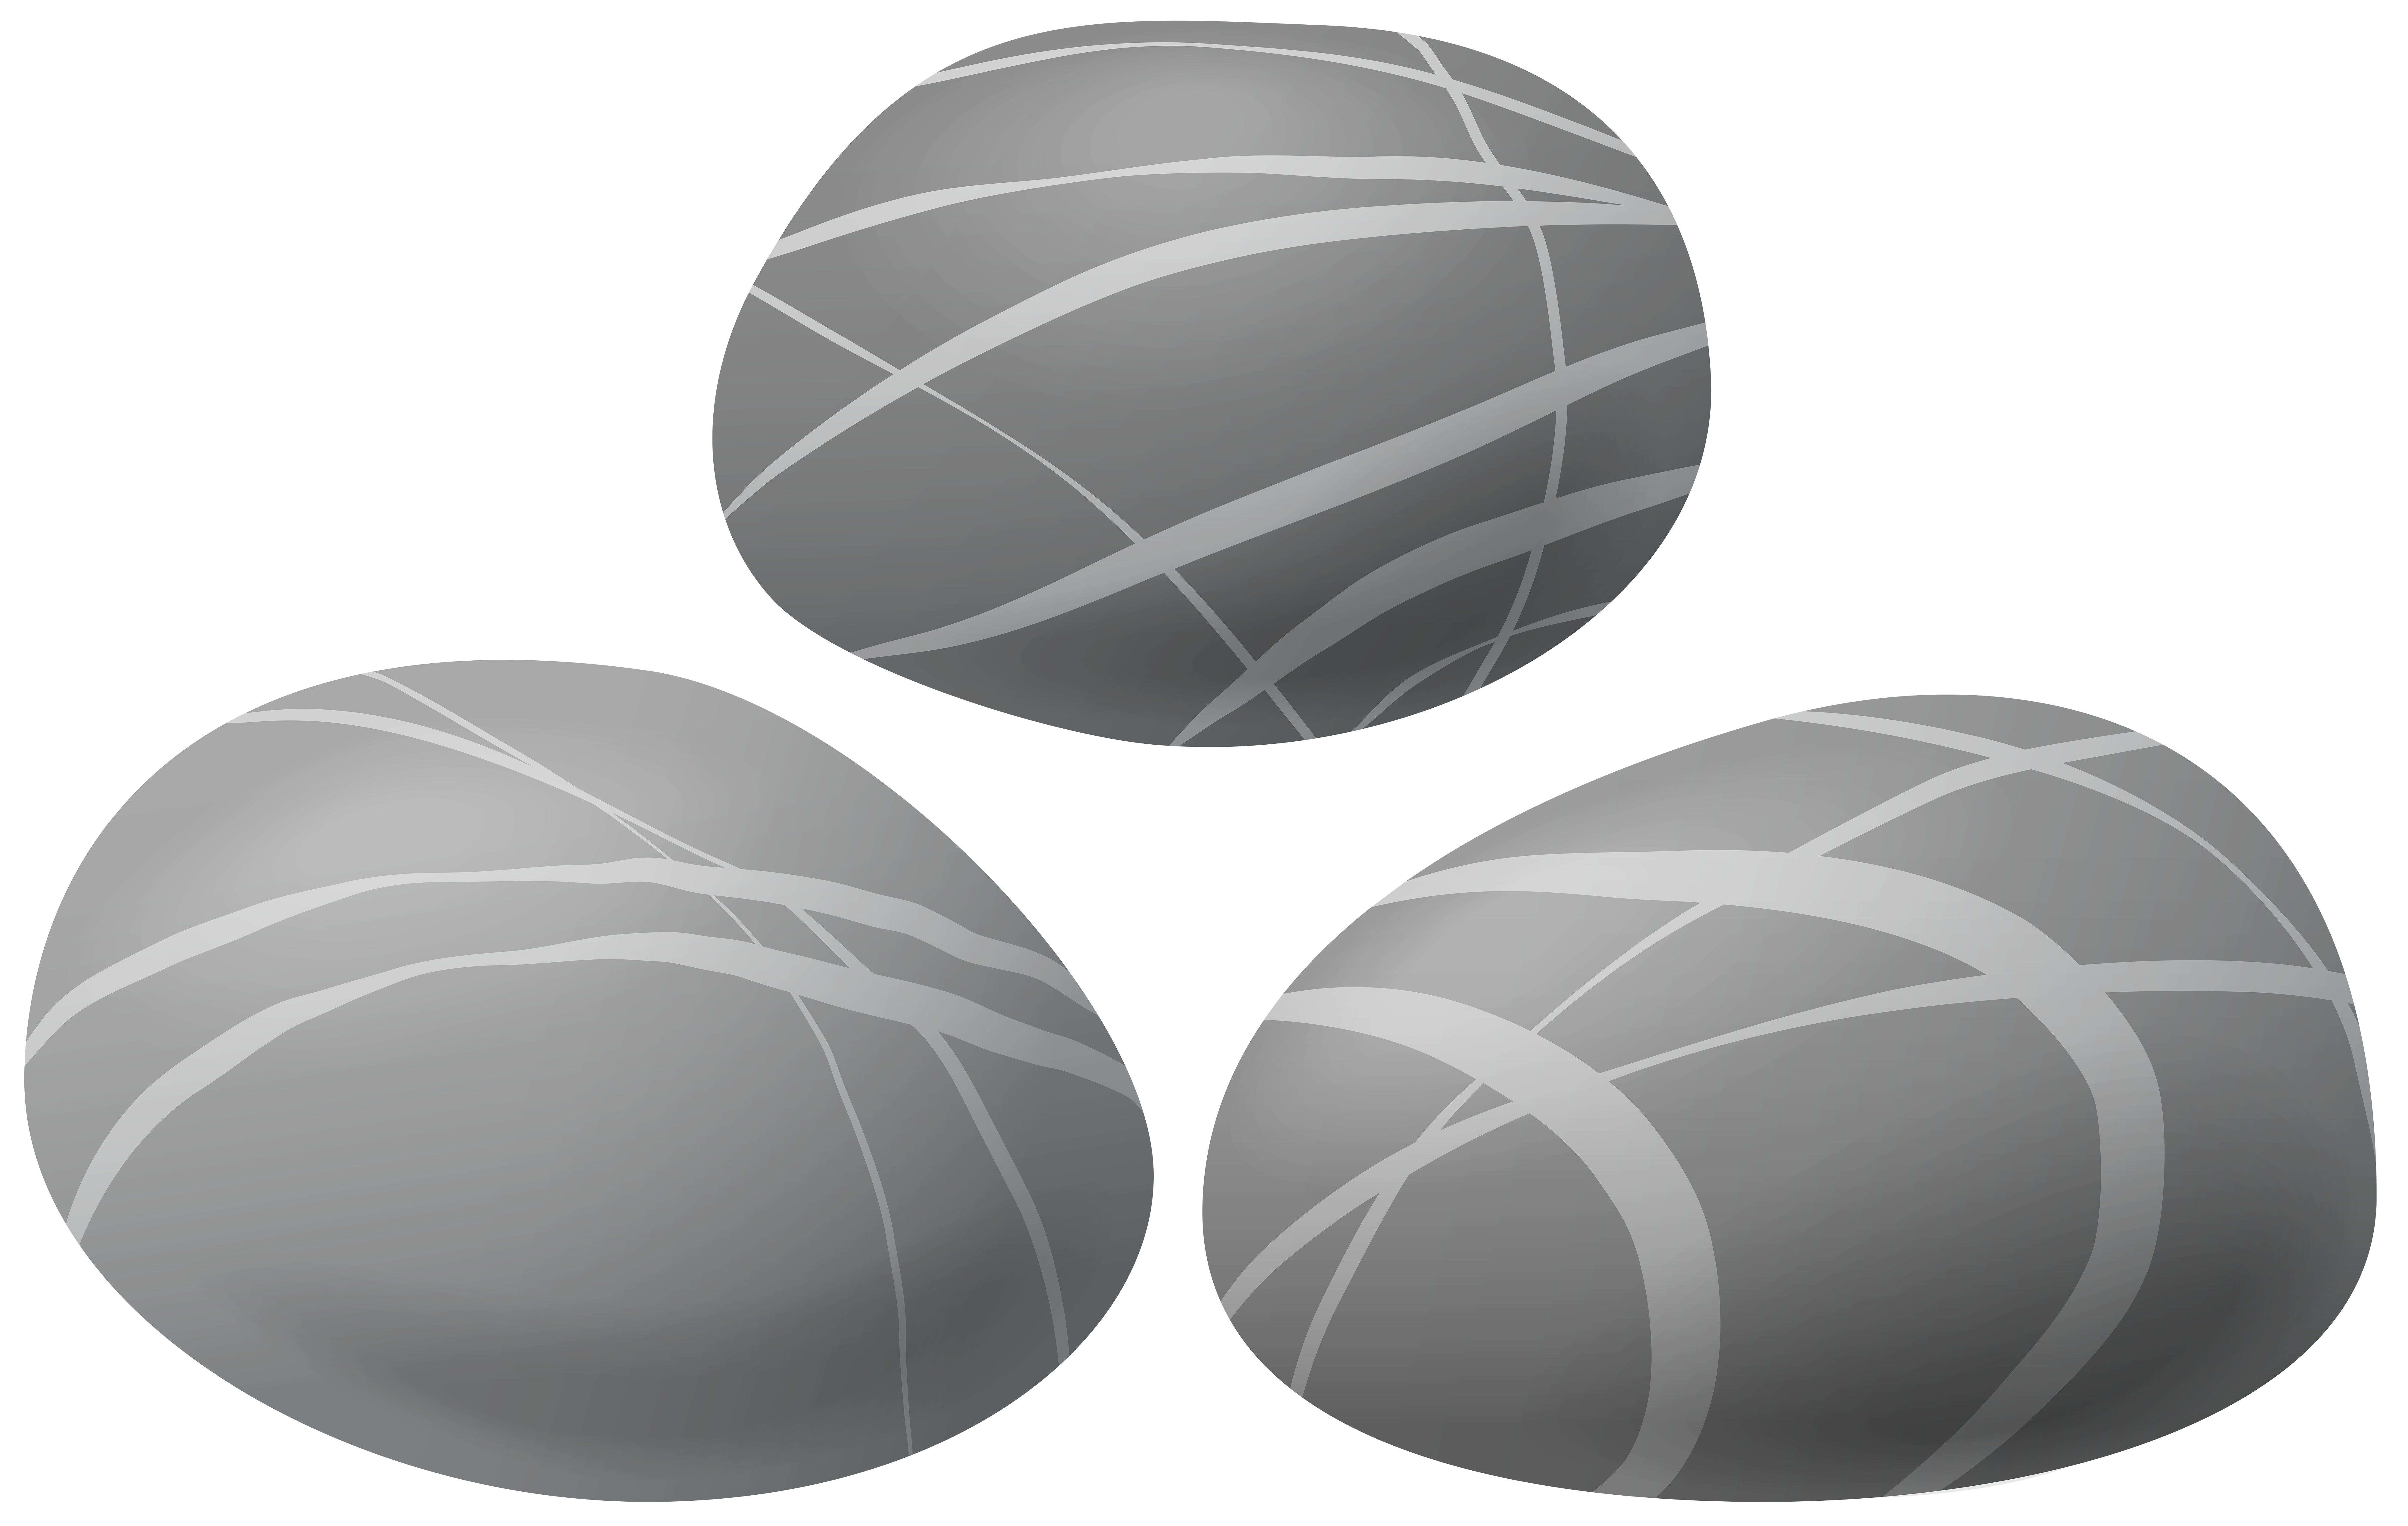 Stones Transparent PNG Clip Art Image.